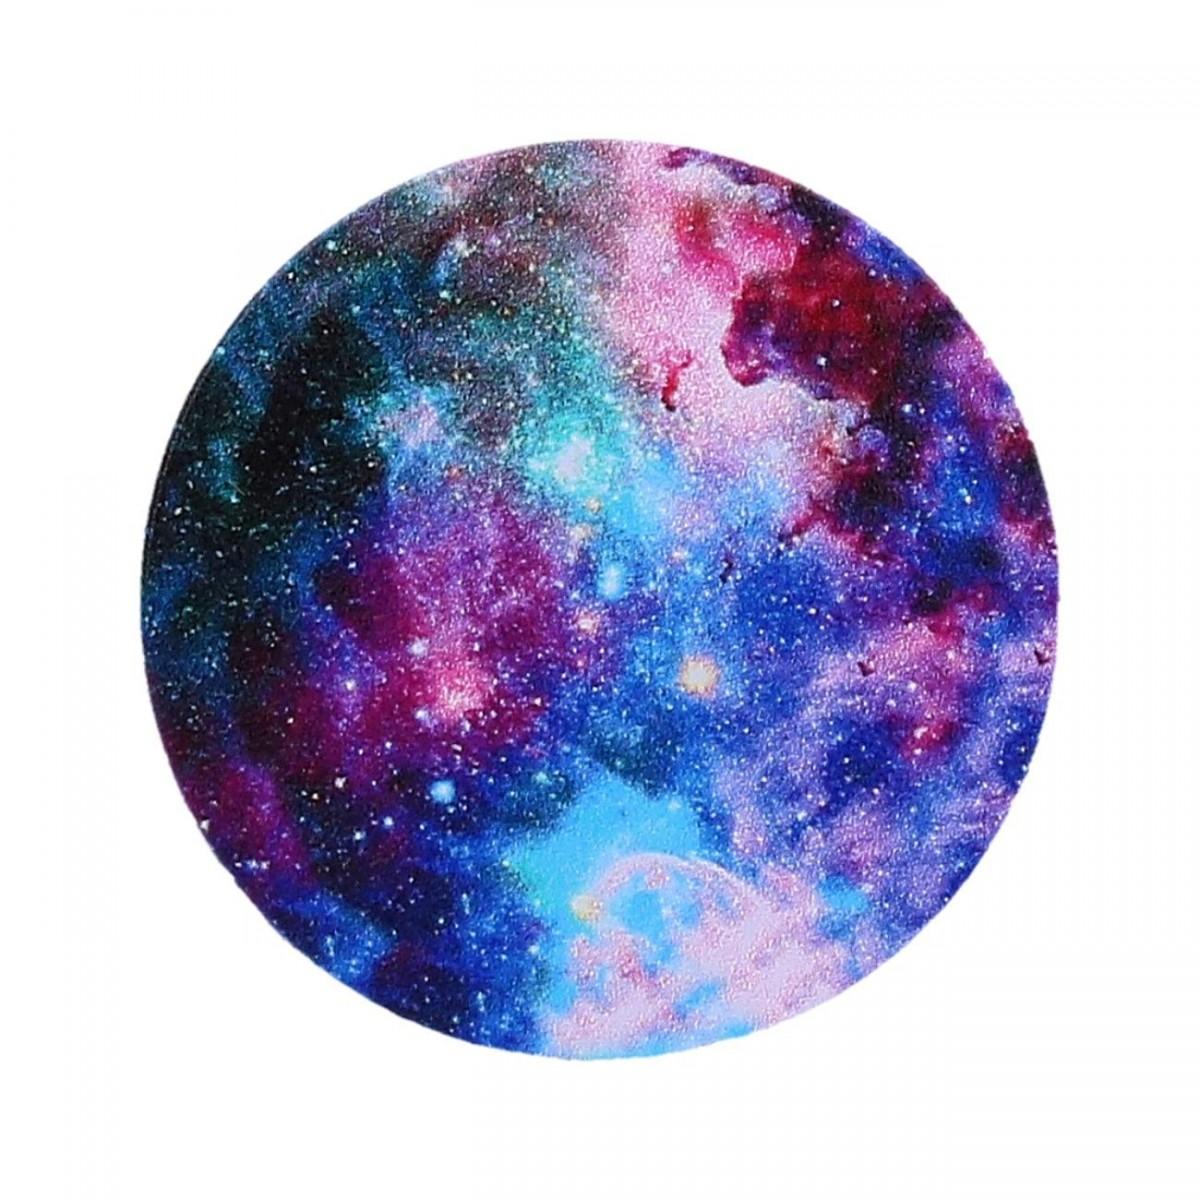 Držák na mobil TopQ PopSocket Blue Nebula 42881